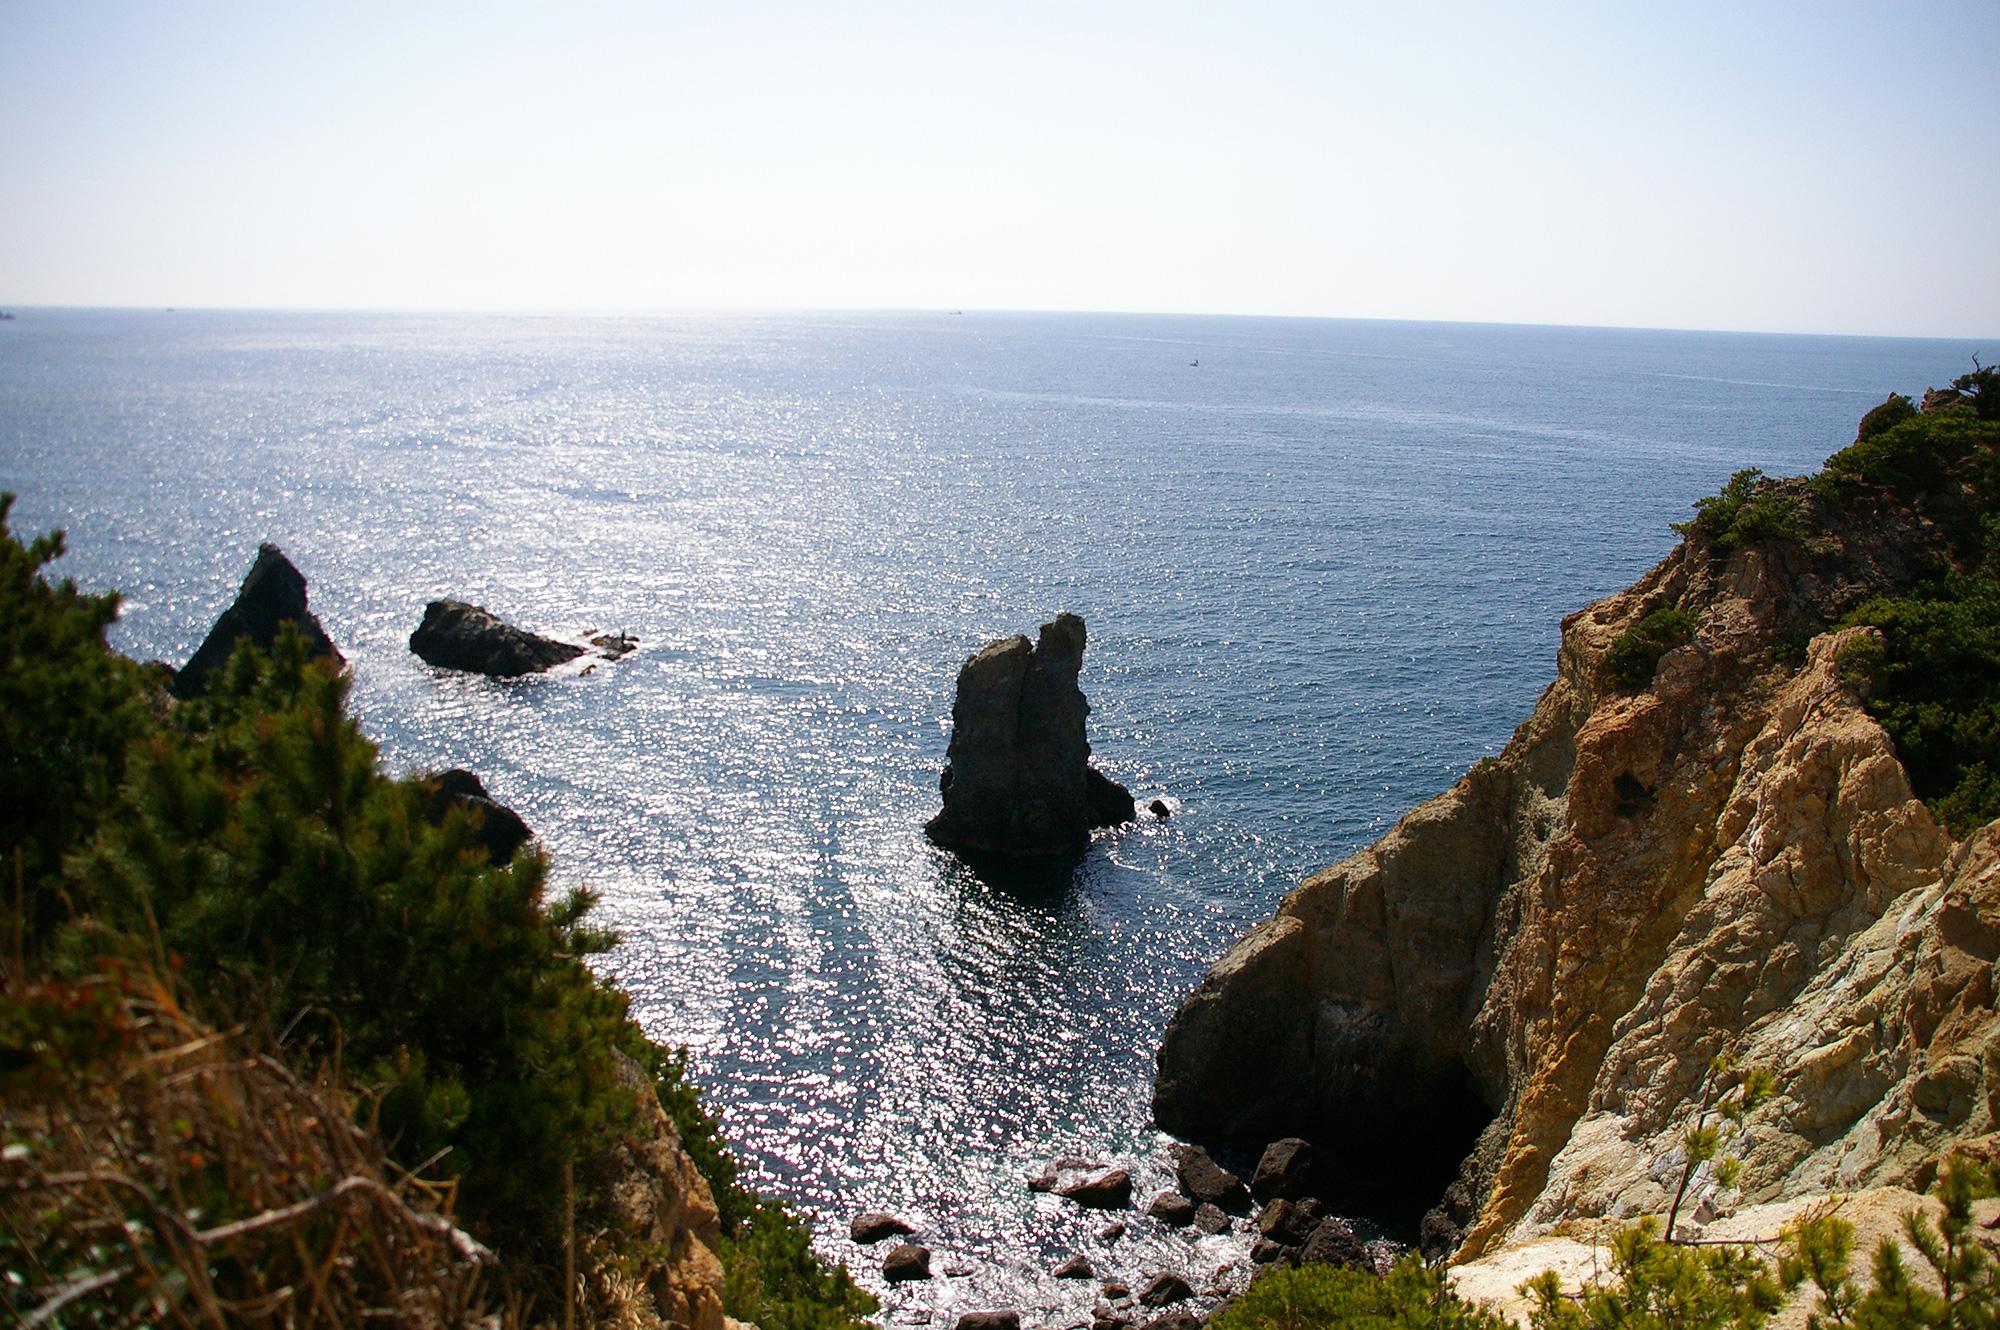 光を反射している海面と岩場